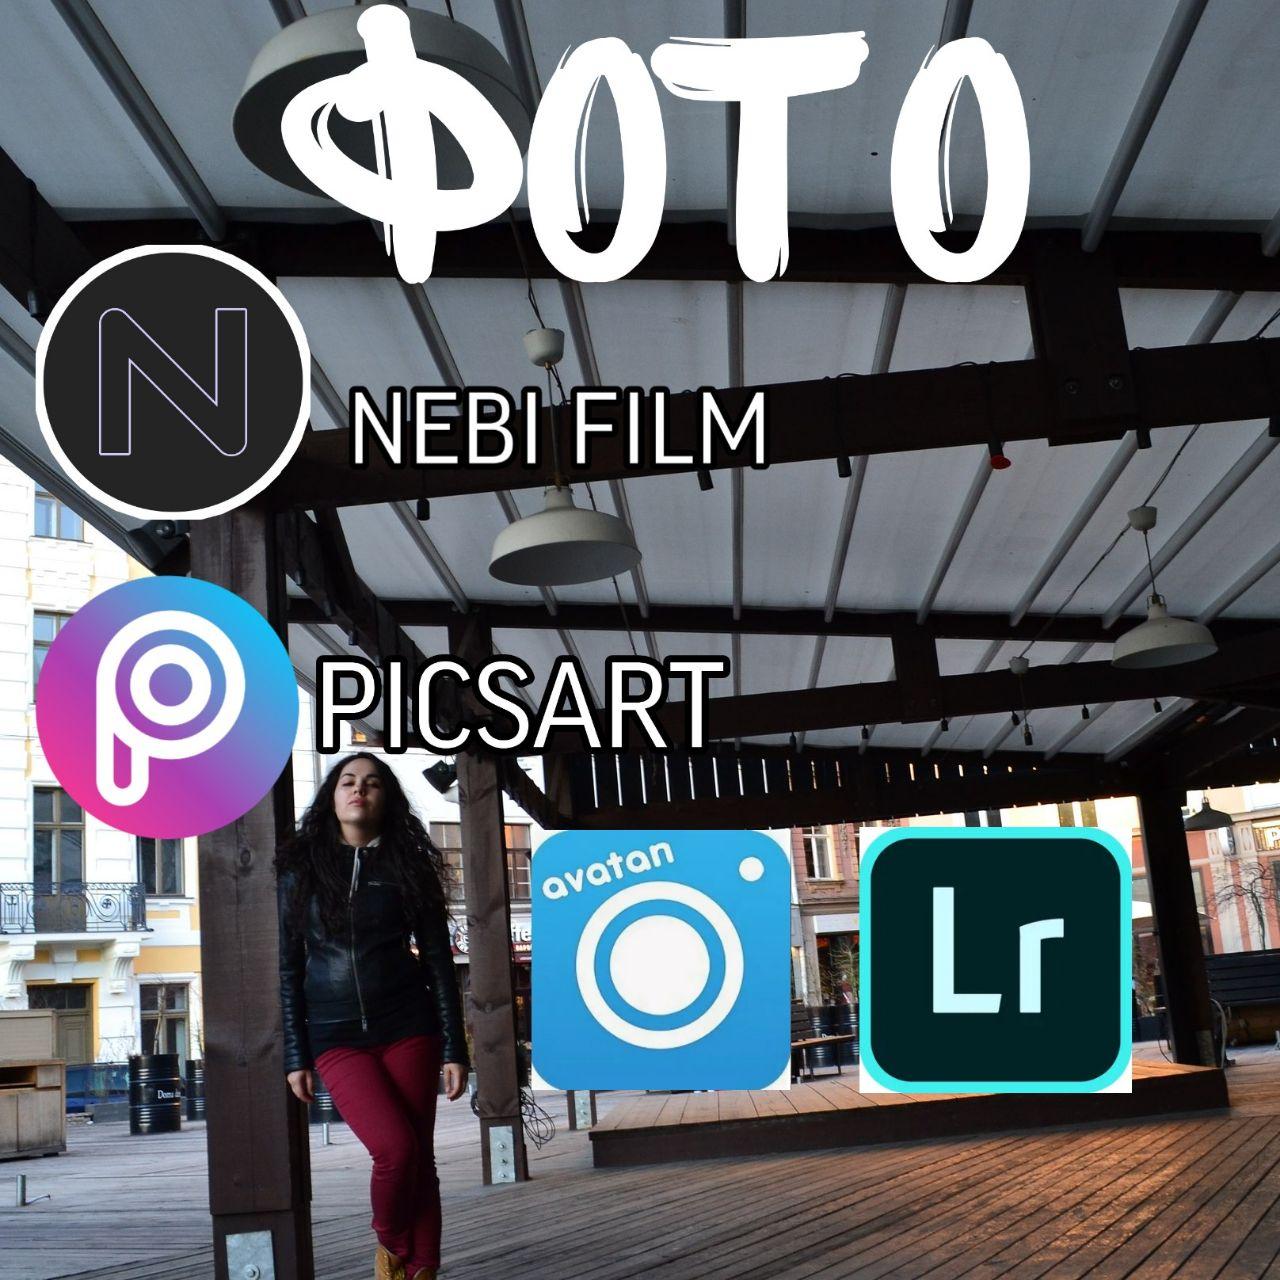 ФОТО 〰️ Nebi-film ( использую только для наложения эффекта белых точек, но там ещё есть и другие) 〰️ PicsArt ( очень много бесплатных стикеров, коллажей и шаблонов ) 〰️ Avatan (разнообразные эффекты на любую тему ) 〰️ Lightroom (для настройки цвета и пресетов, благодаря этому приложению можно выстроить единый стиль профиля)